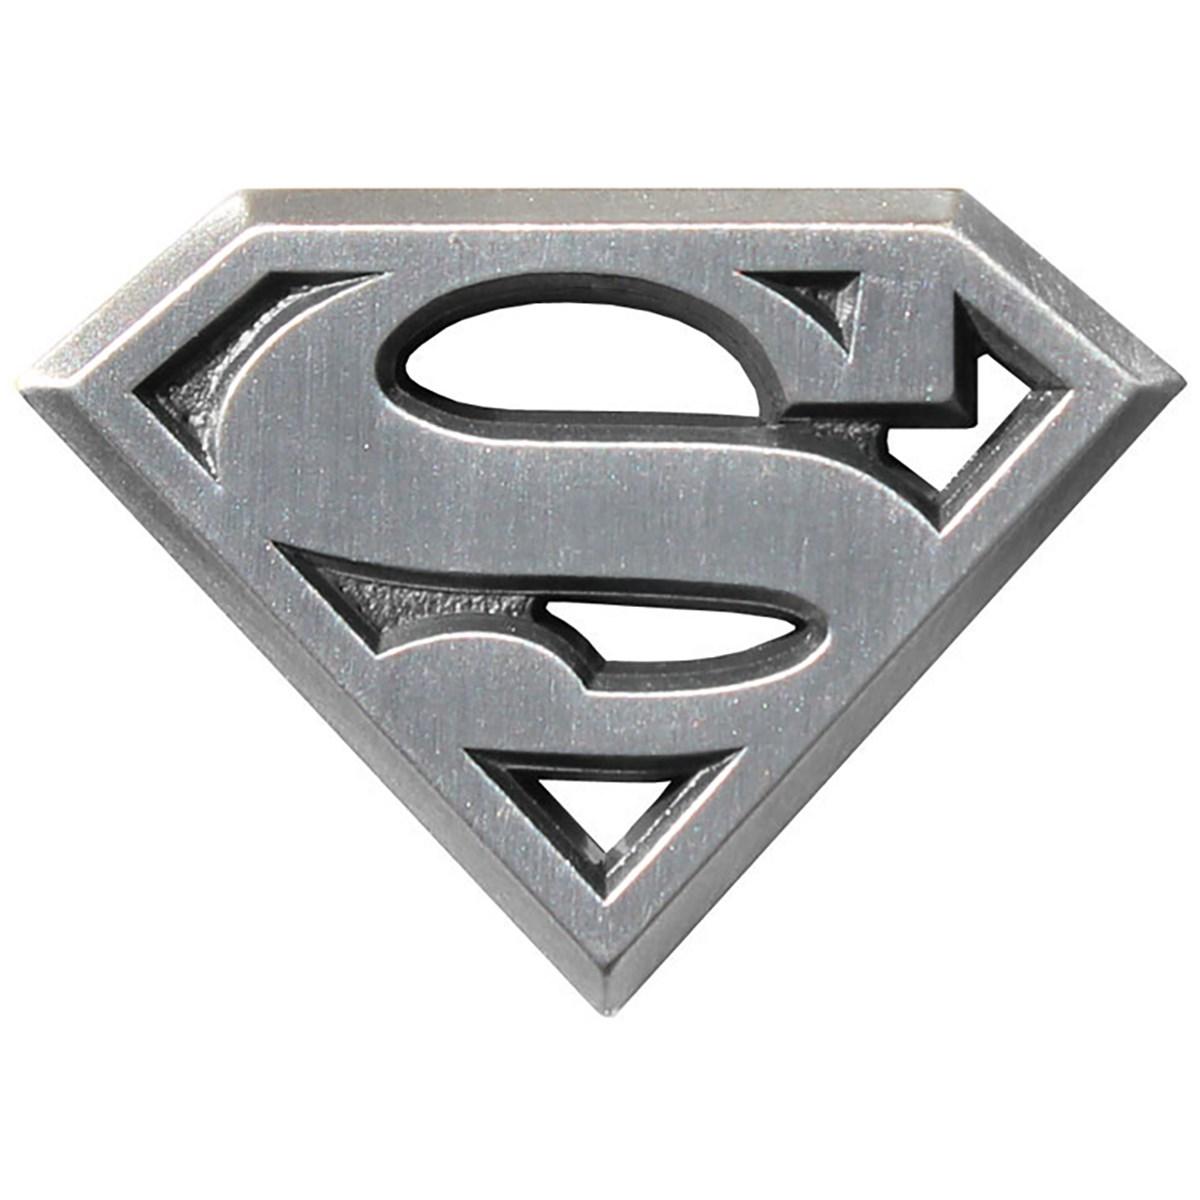 スーパーマン ビッグマーカー シルバー